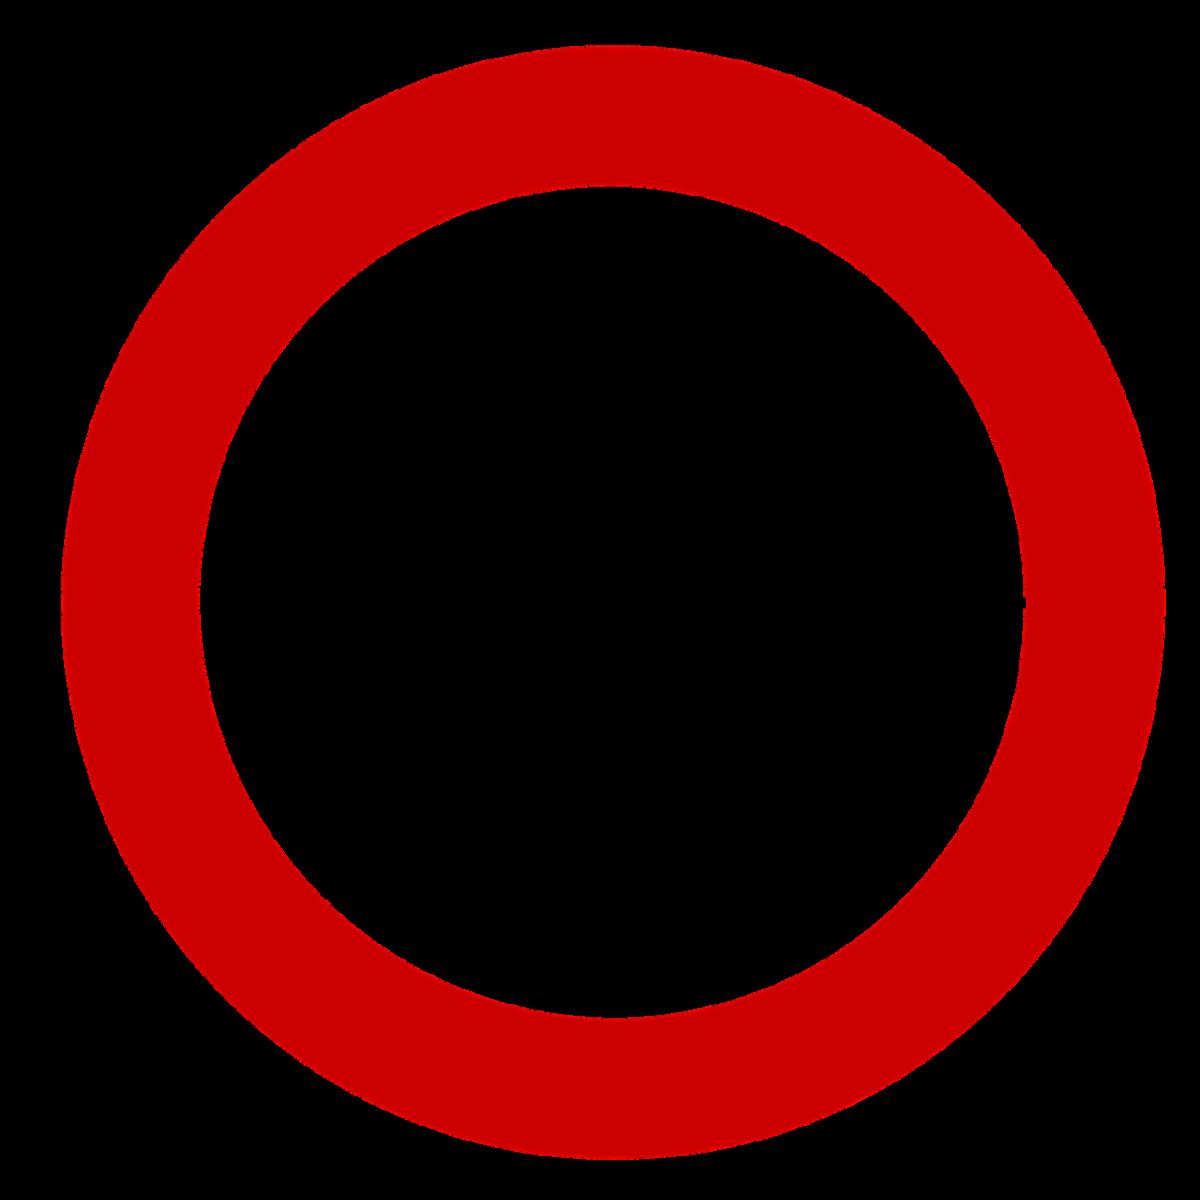 tick-1465065_1280 Infektionsgefahr durch Zecken | Bereits zehn FSME- und 473 Borreliose-Fälle in Bayern in 2018 Freizeit Gesundheit Borreliose FSME Zecken |Presse Augsburg